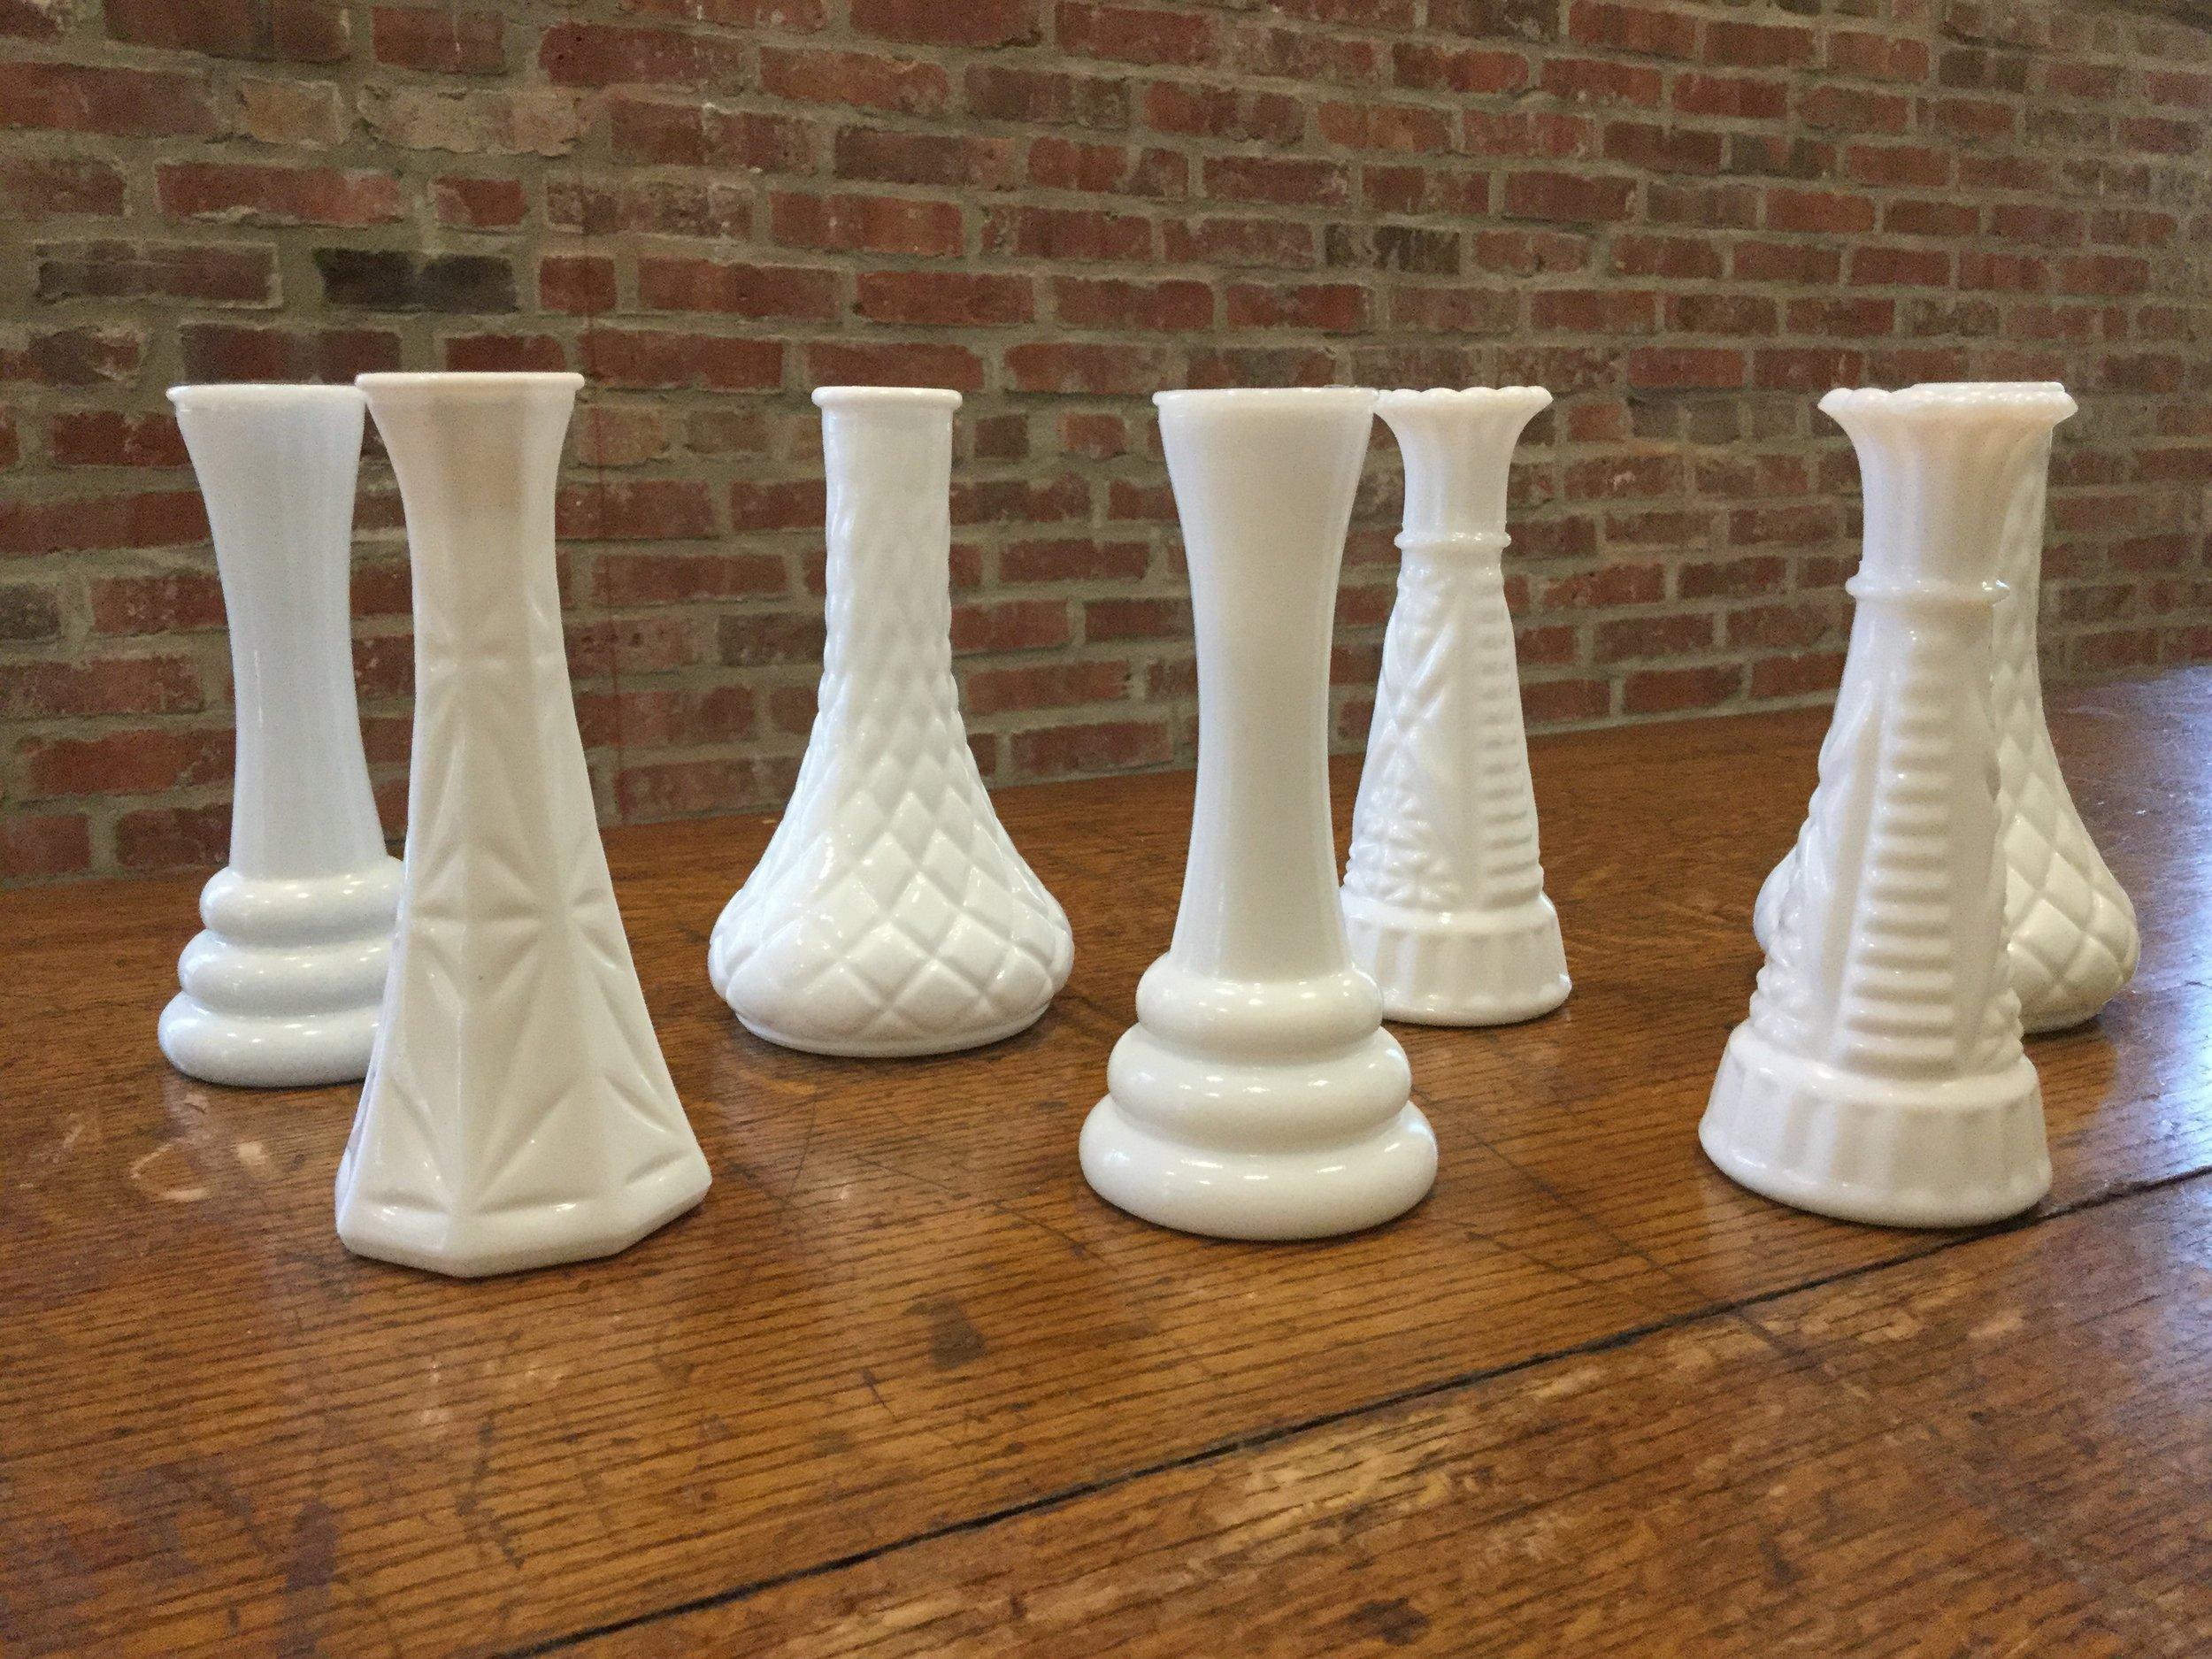 Milk Glass Vases - $1.50 each